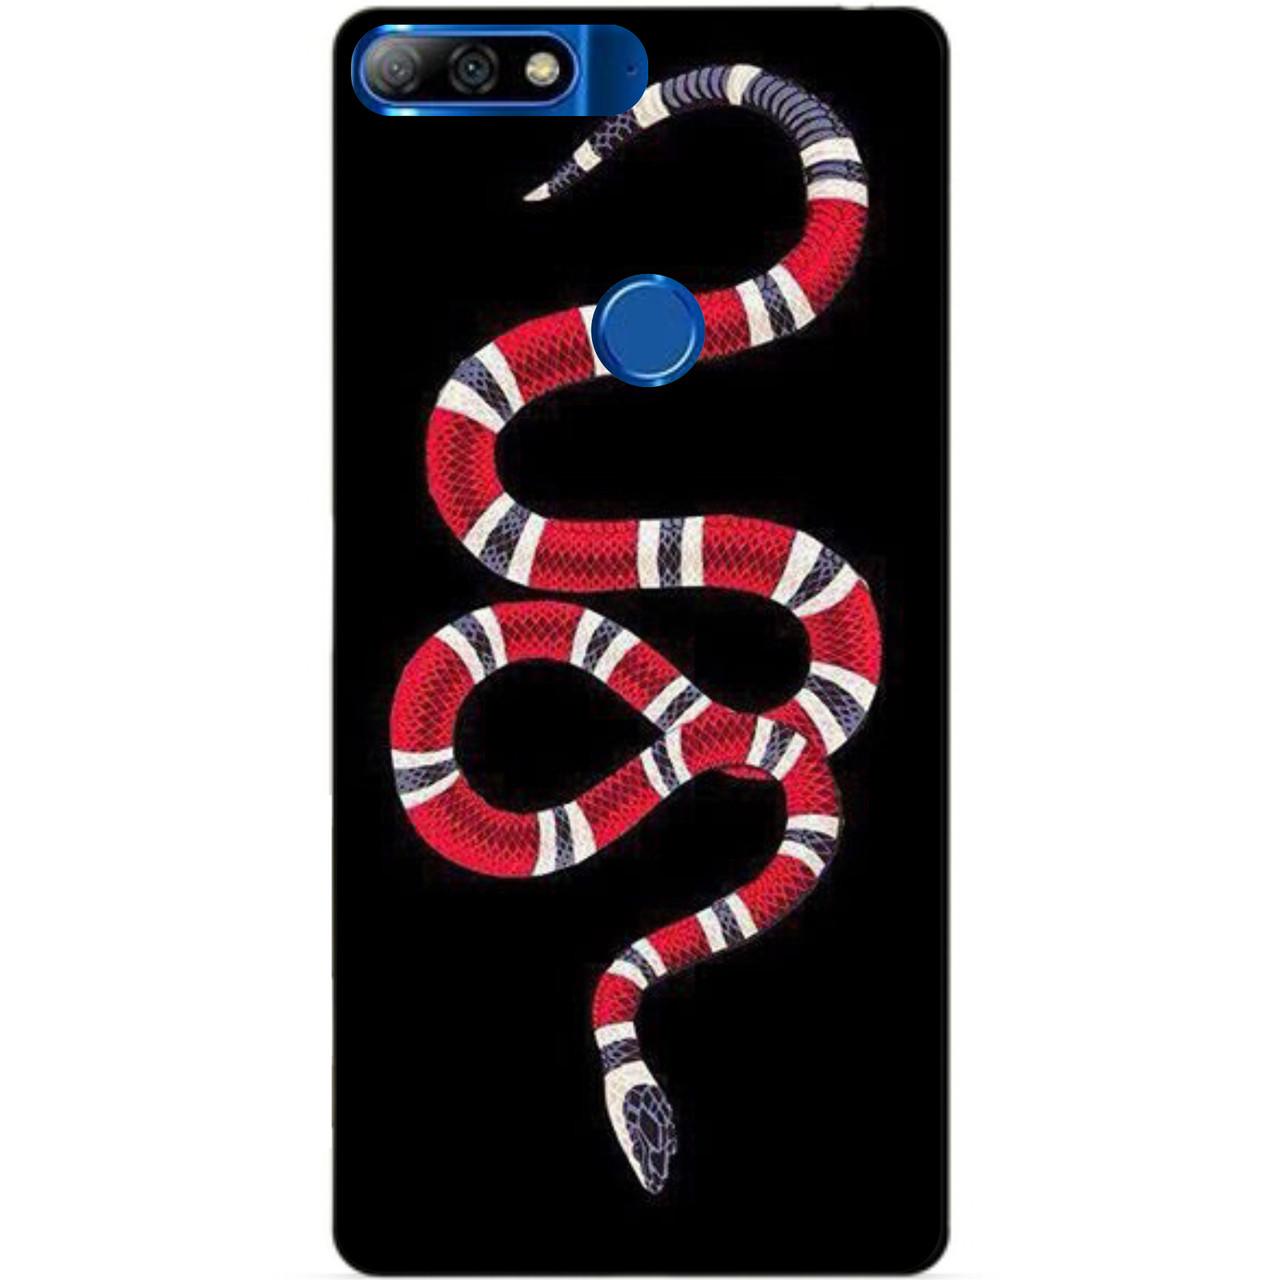 Силиконовый бампер чехол для Huawei Y7 Prime 2018 с рисунком Змея Gucci